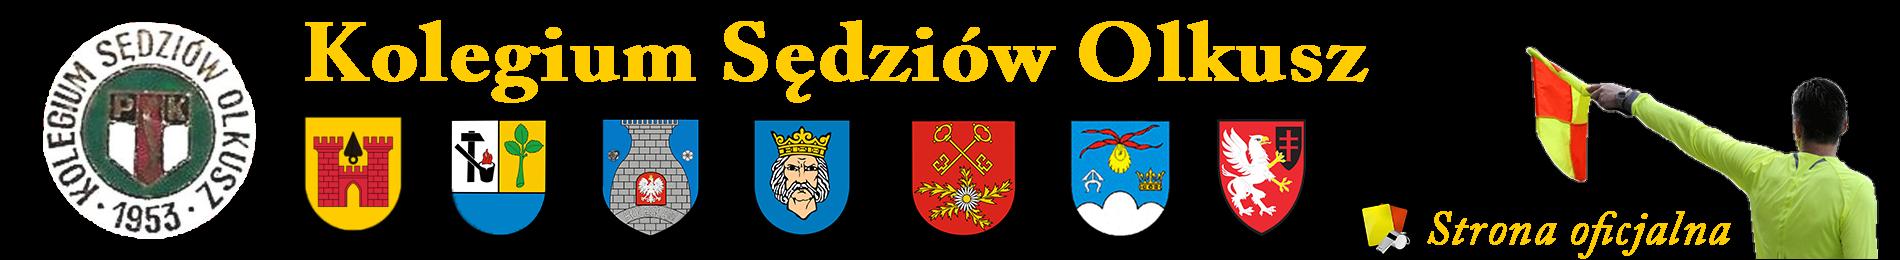 Kolegium Sędziów Olkusz